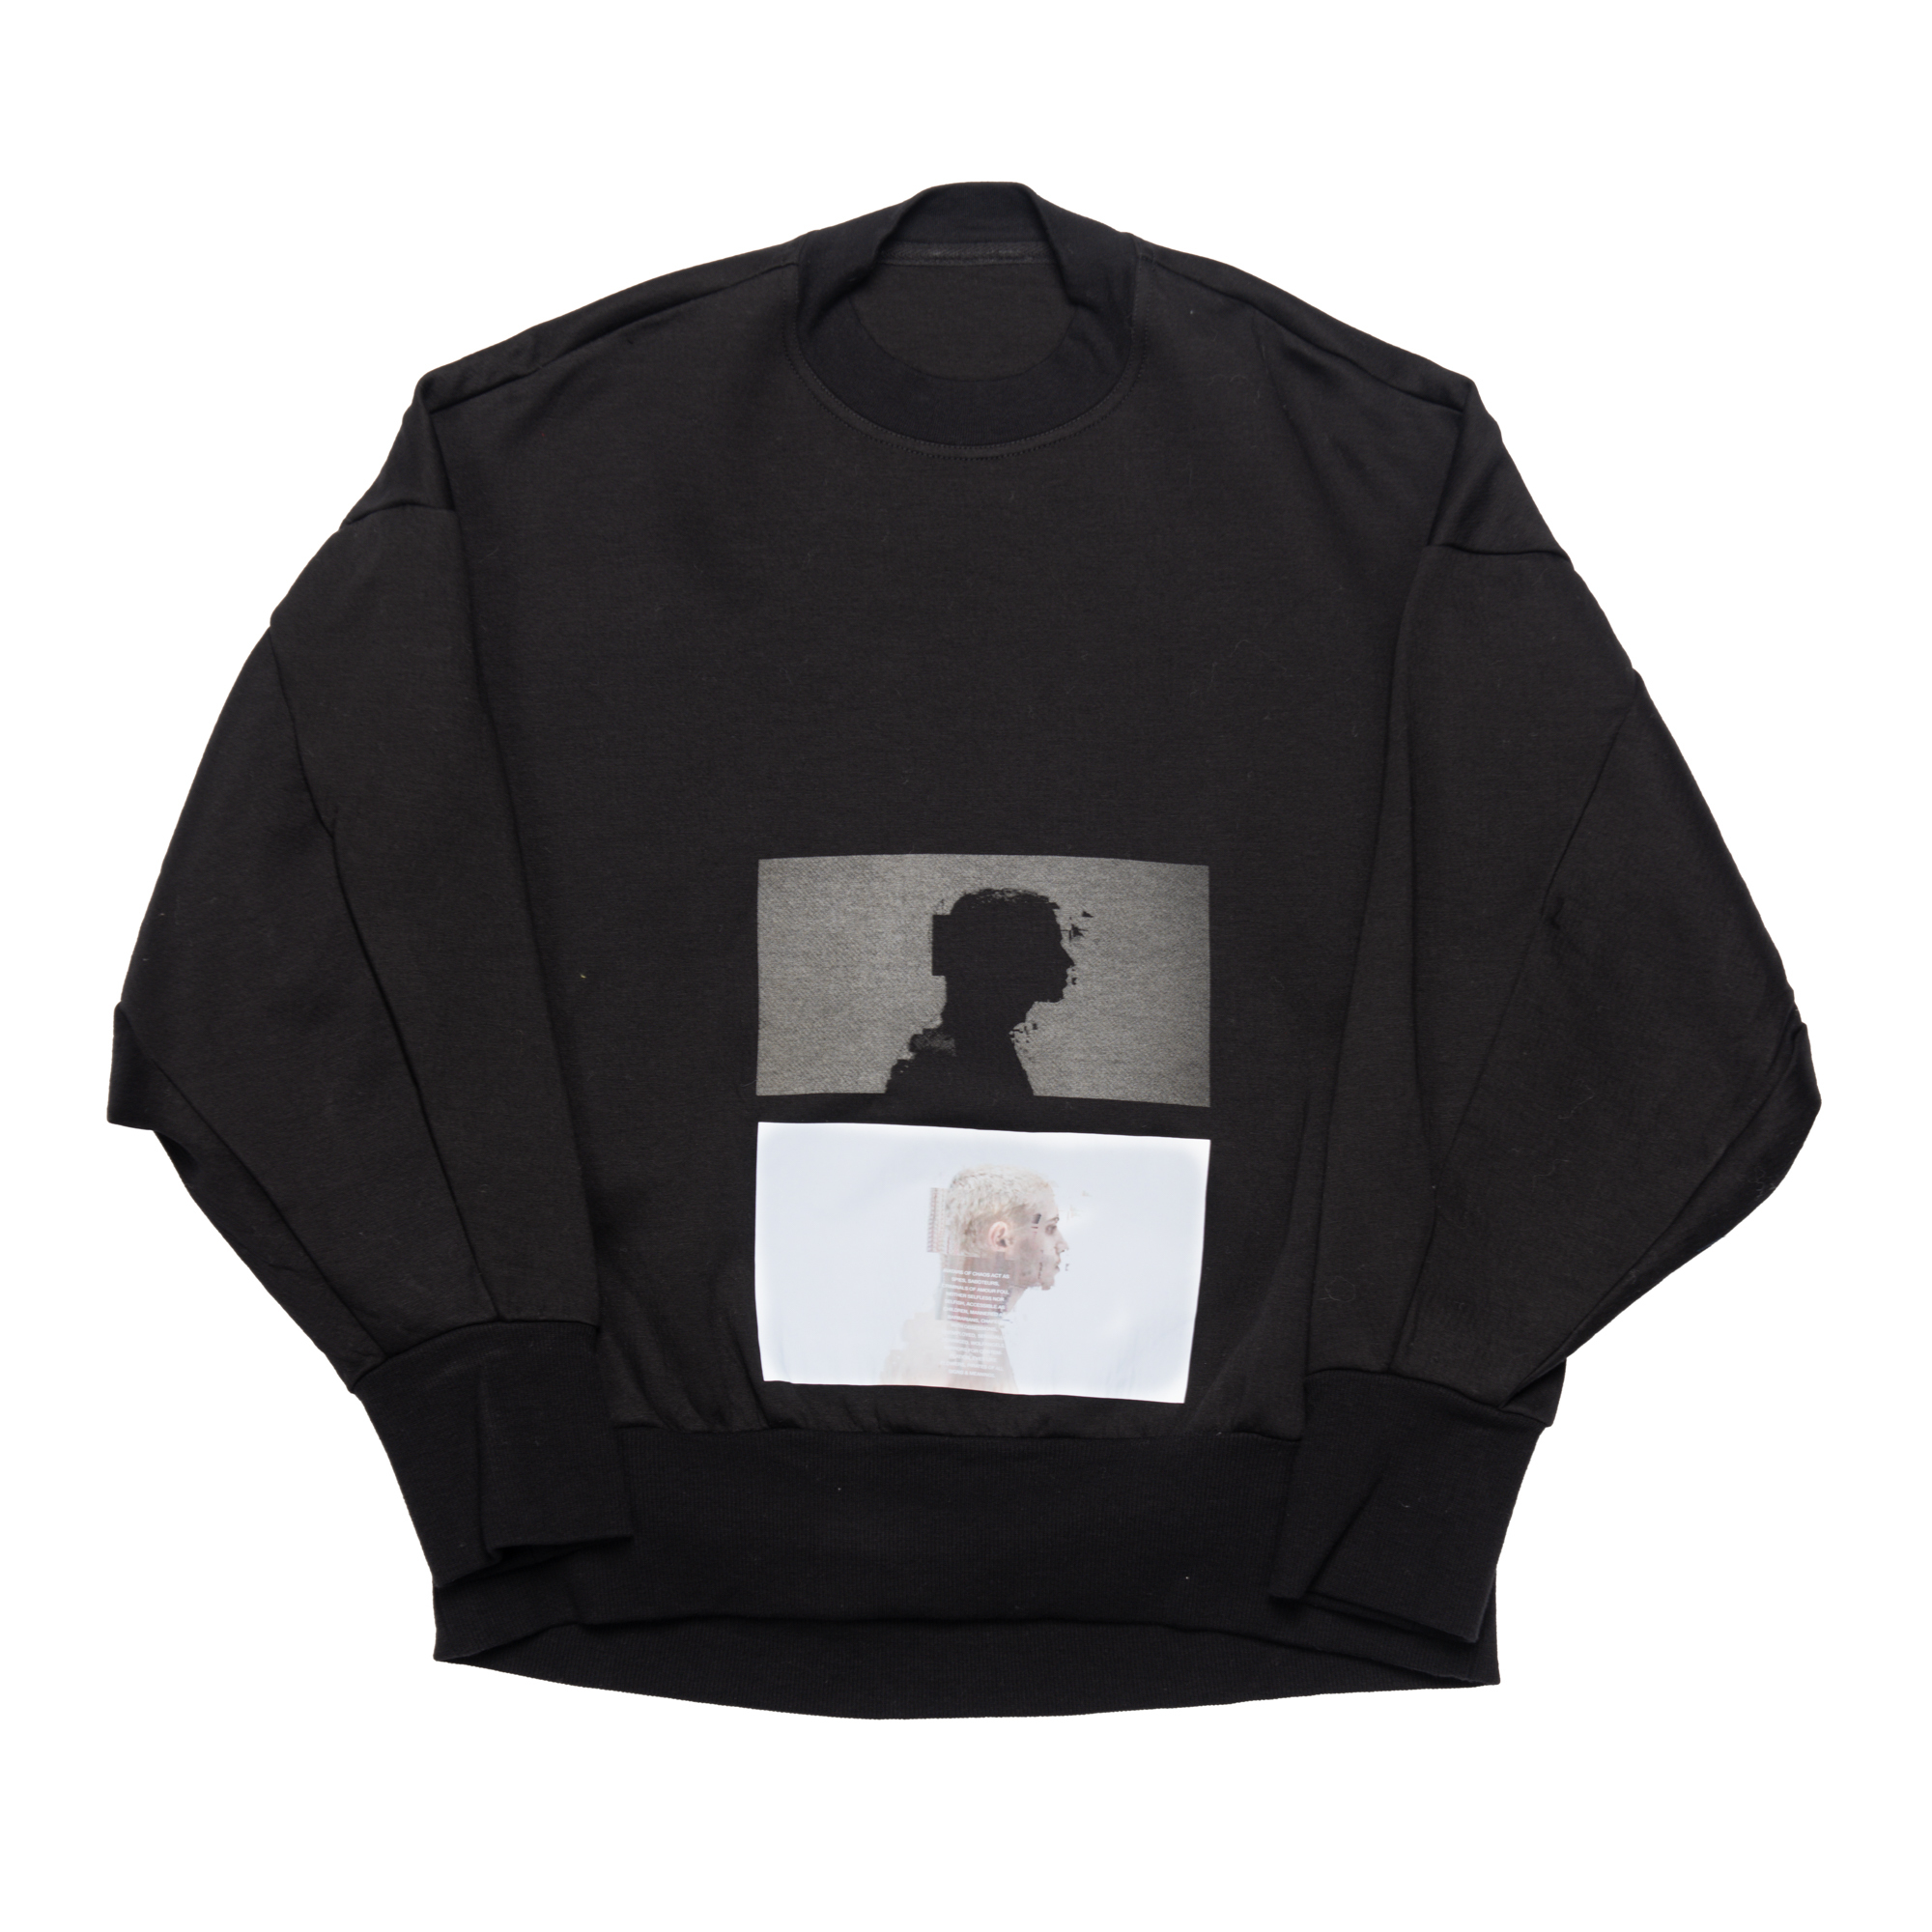 657CPM1-BLACK / シームドスリーブ プリントスウェットシャツ